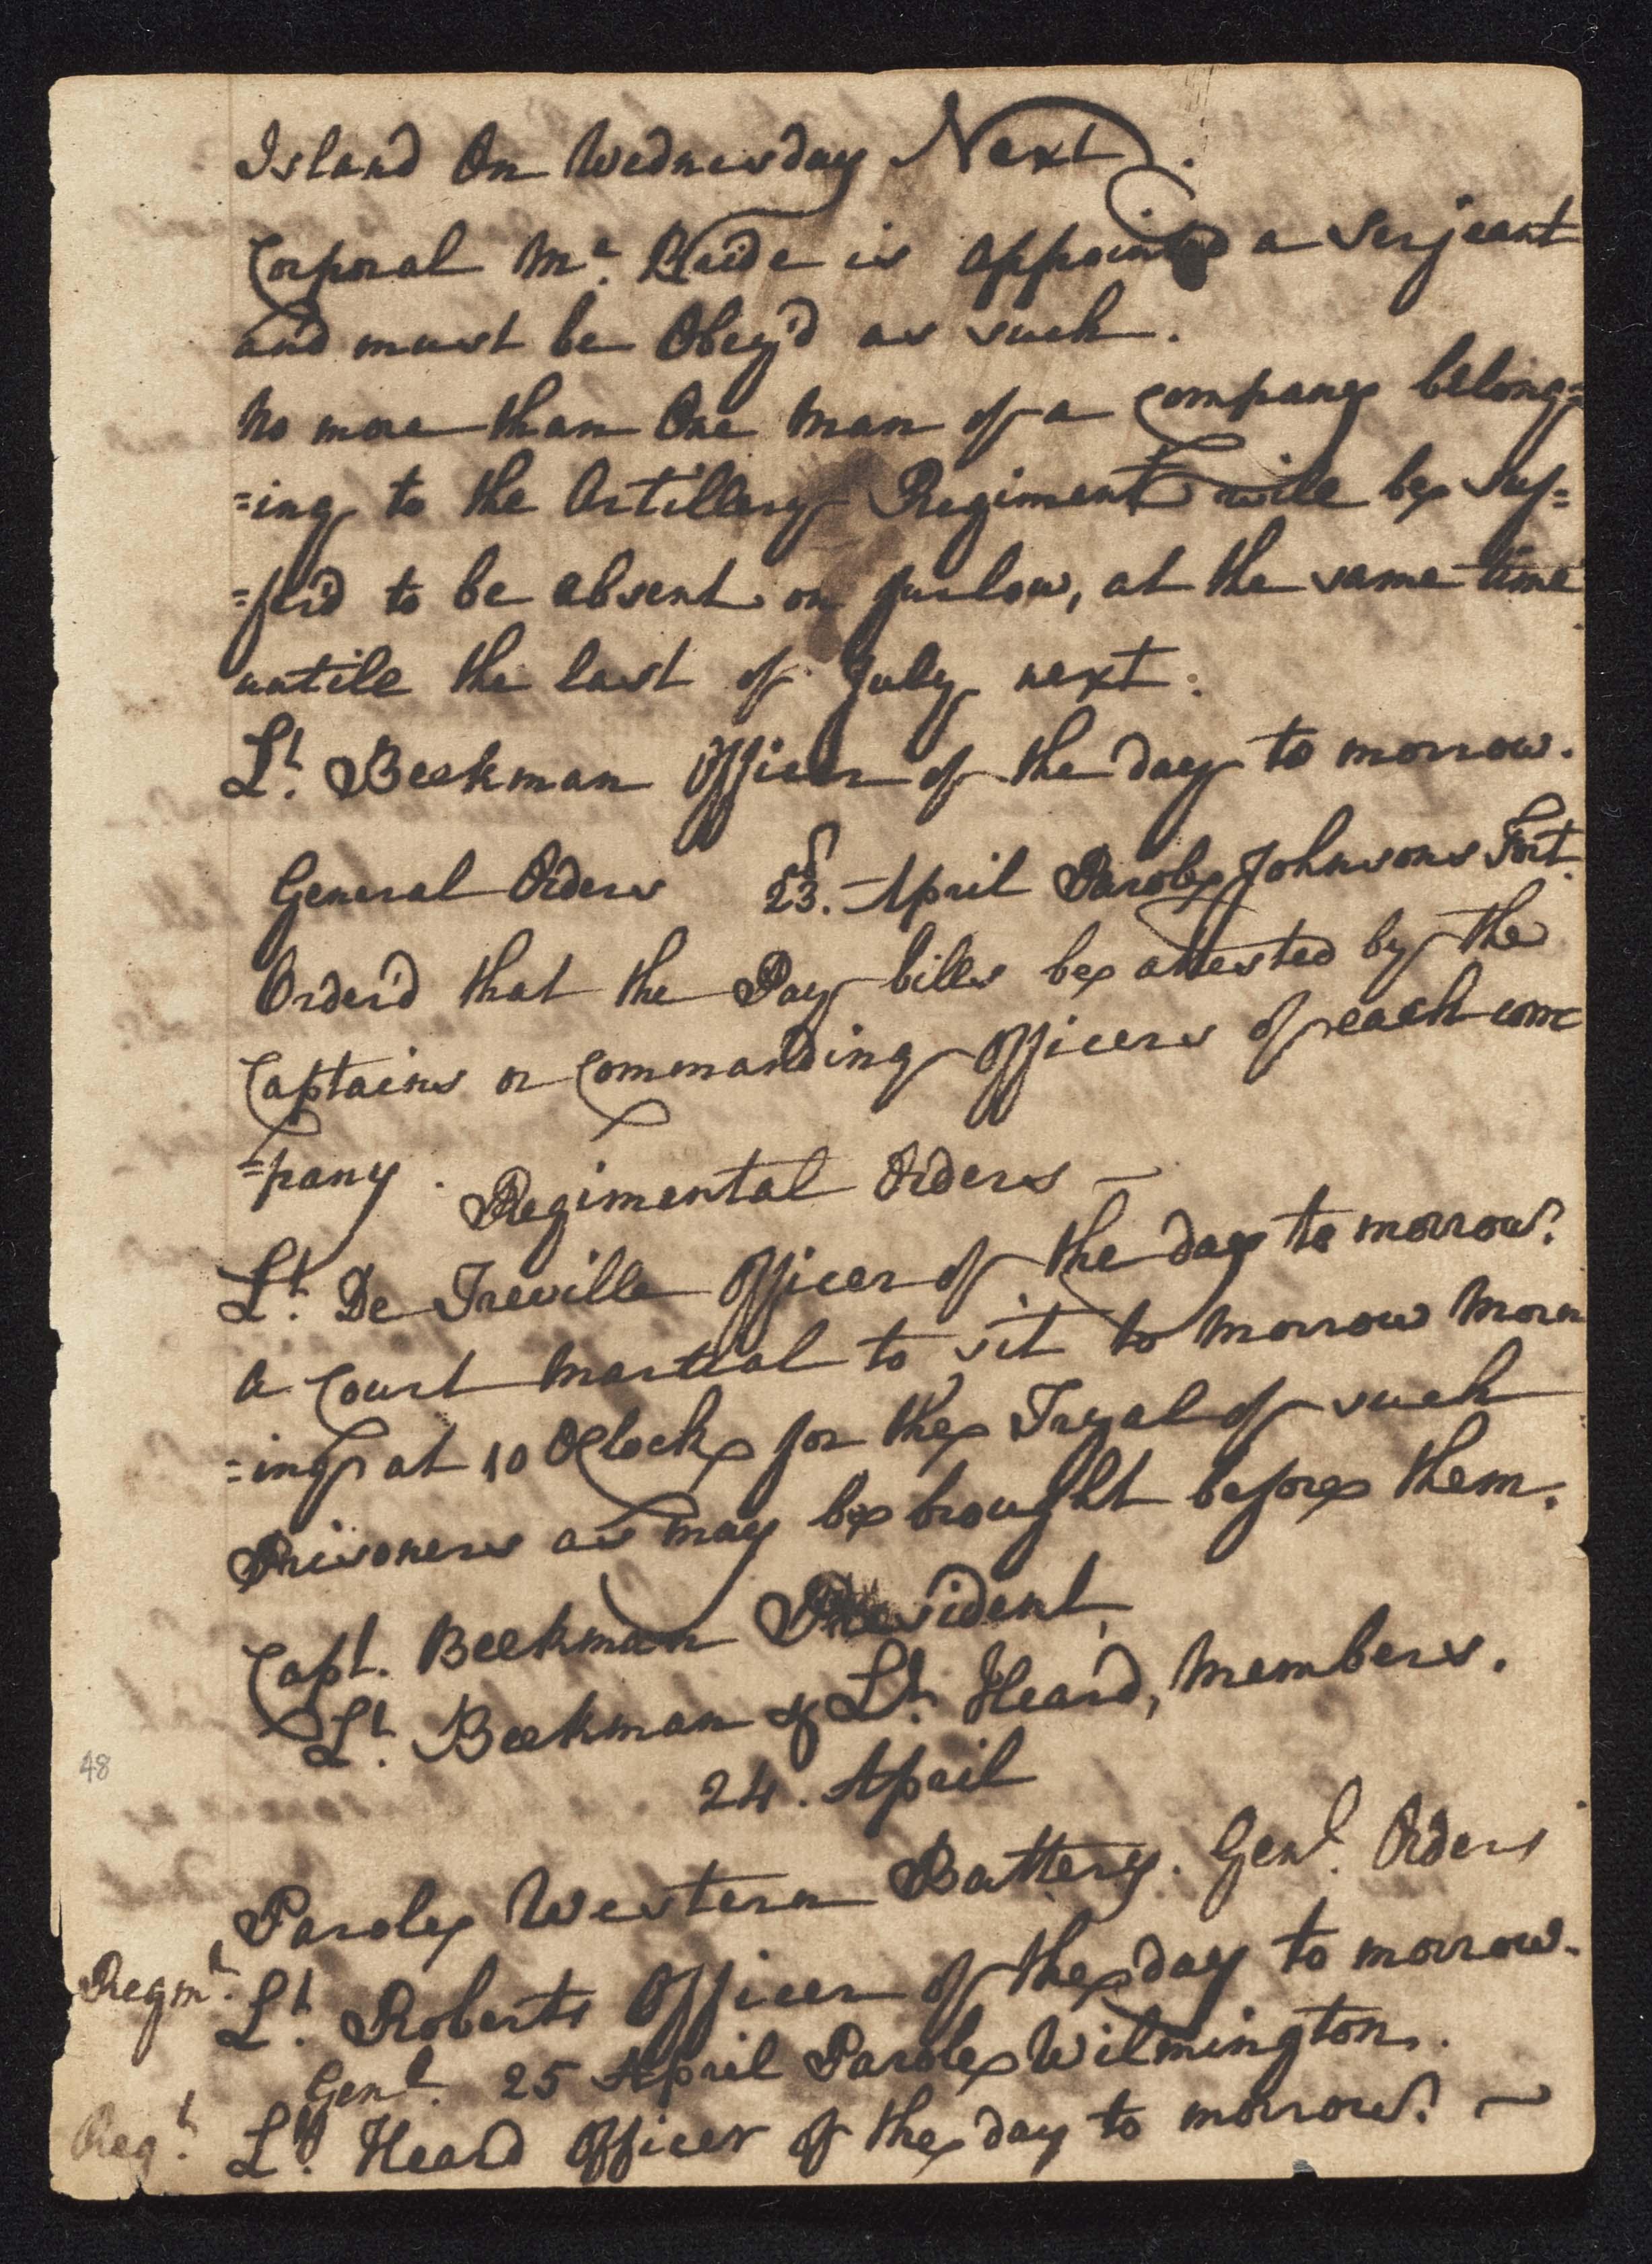 South Carolina Regiment Order Book, Page 95